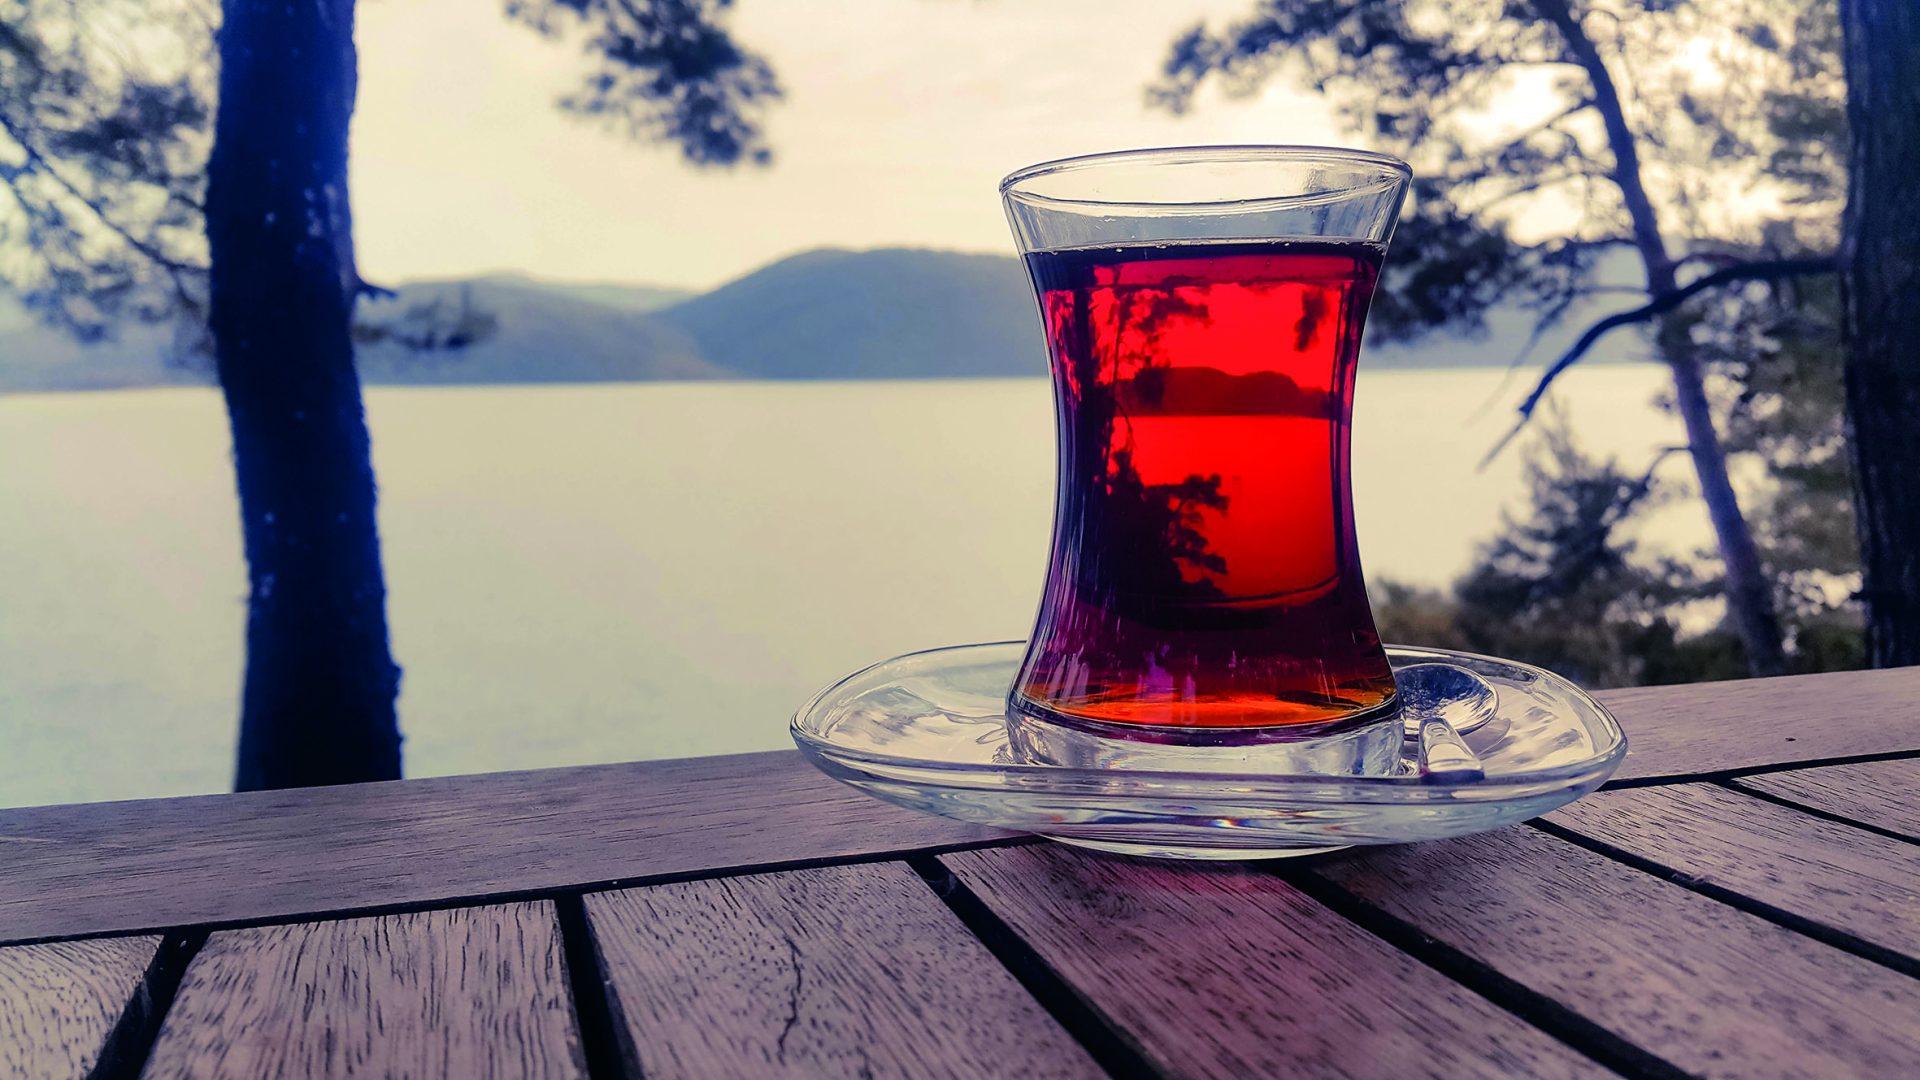 Tee: Gefiltertes Wasser verbessert den Trinkgenuss